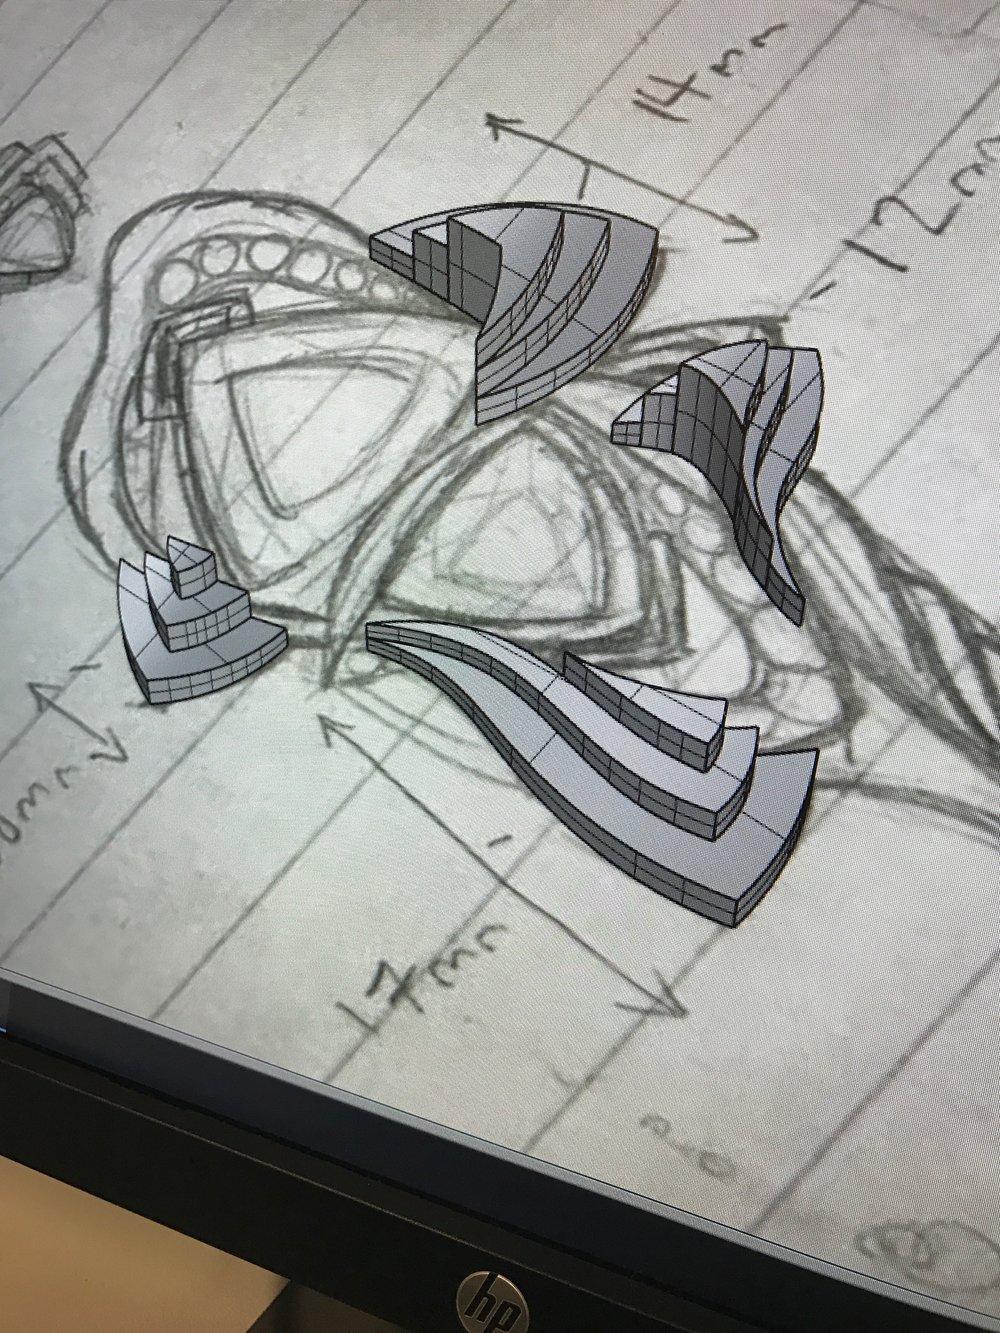 Initial CAD modeling (Sierra Adair)